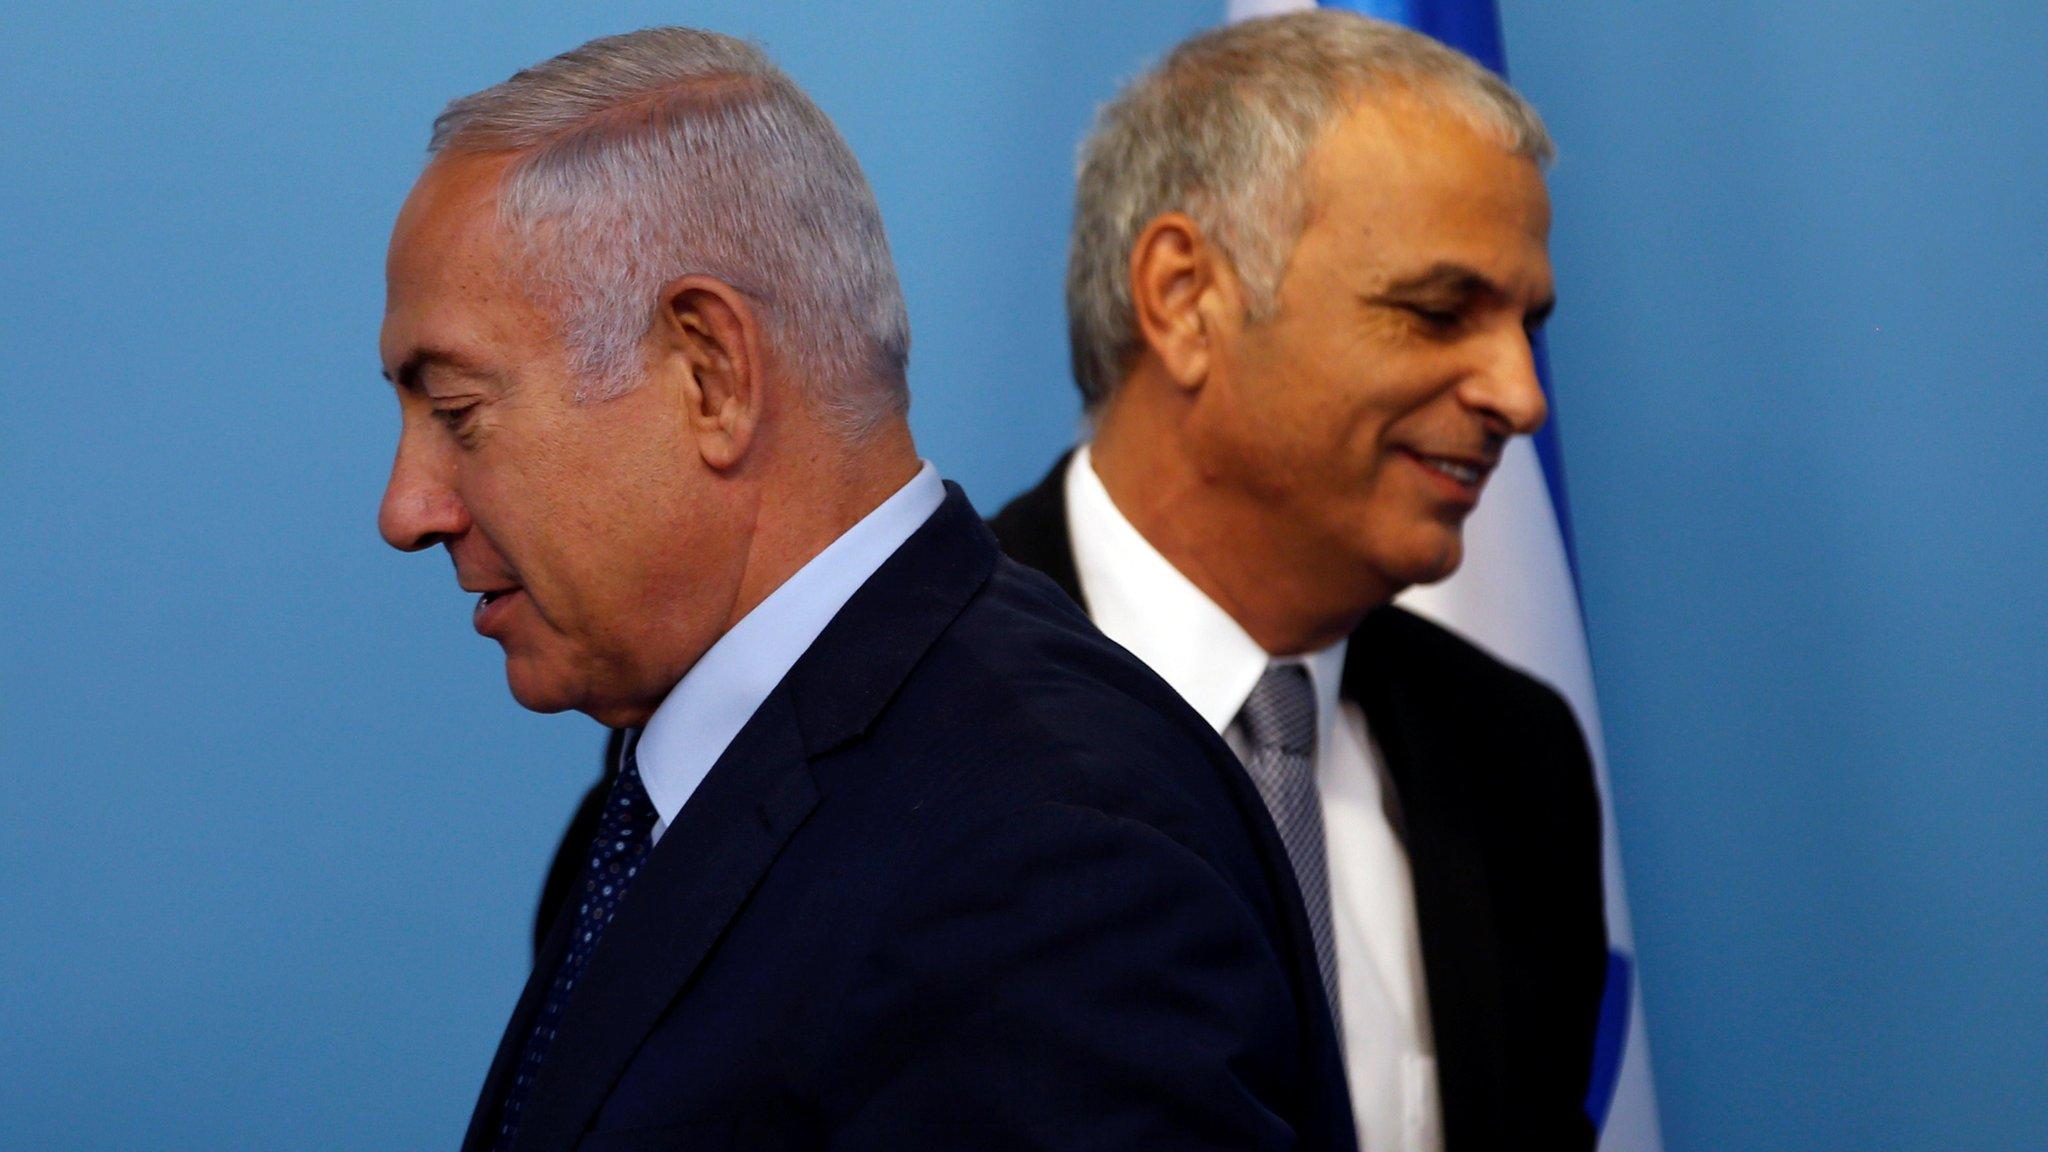 Netanyahu warns of danger of early Israel election